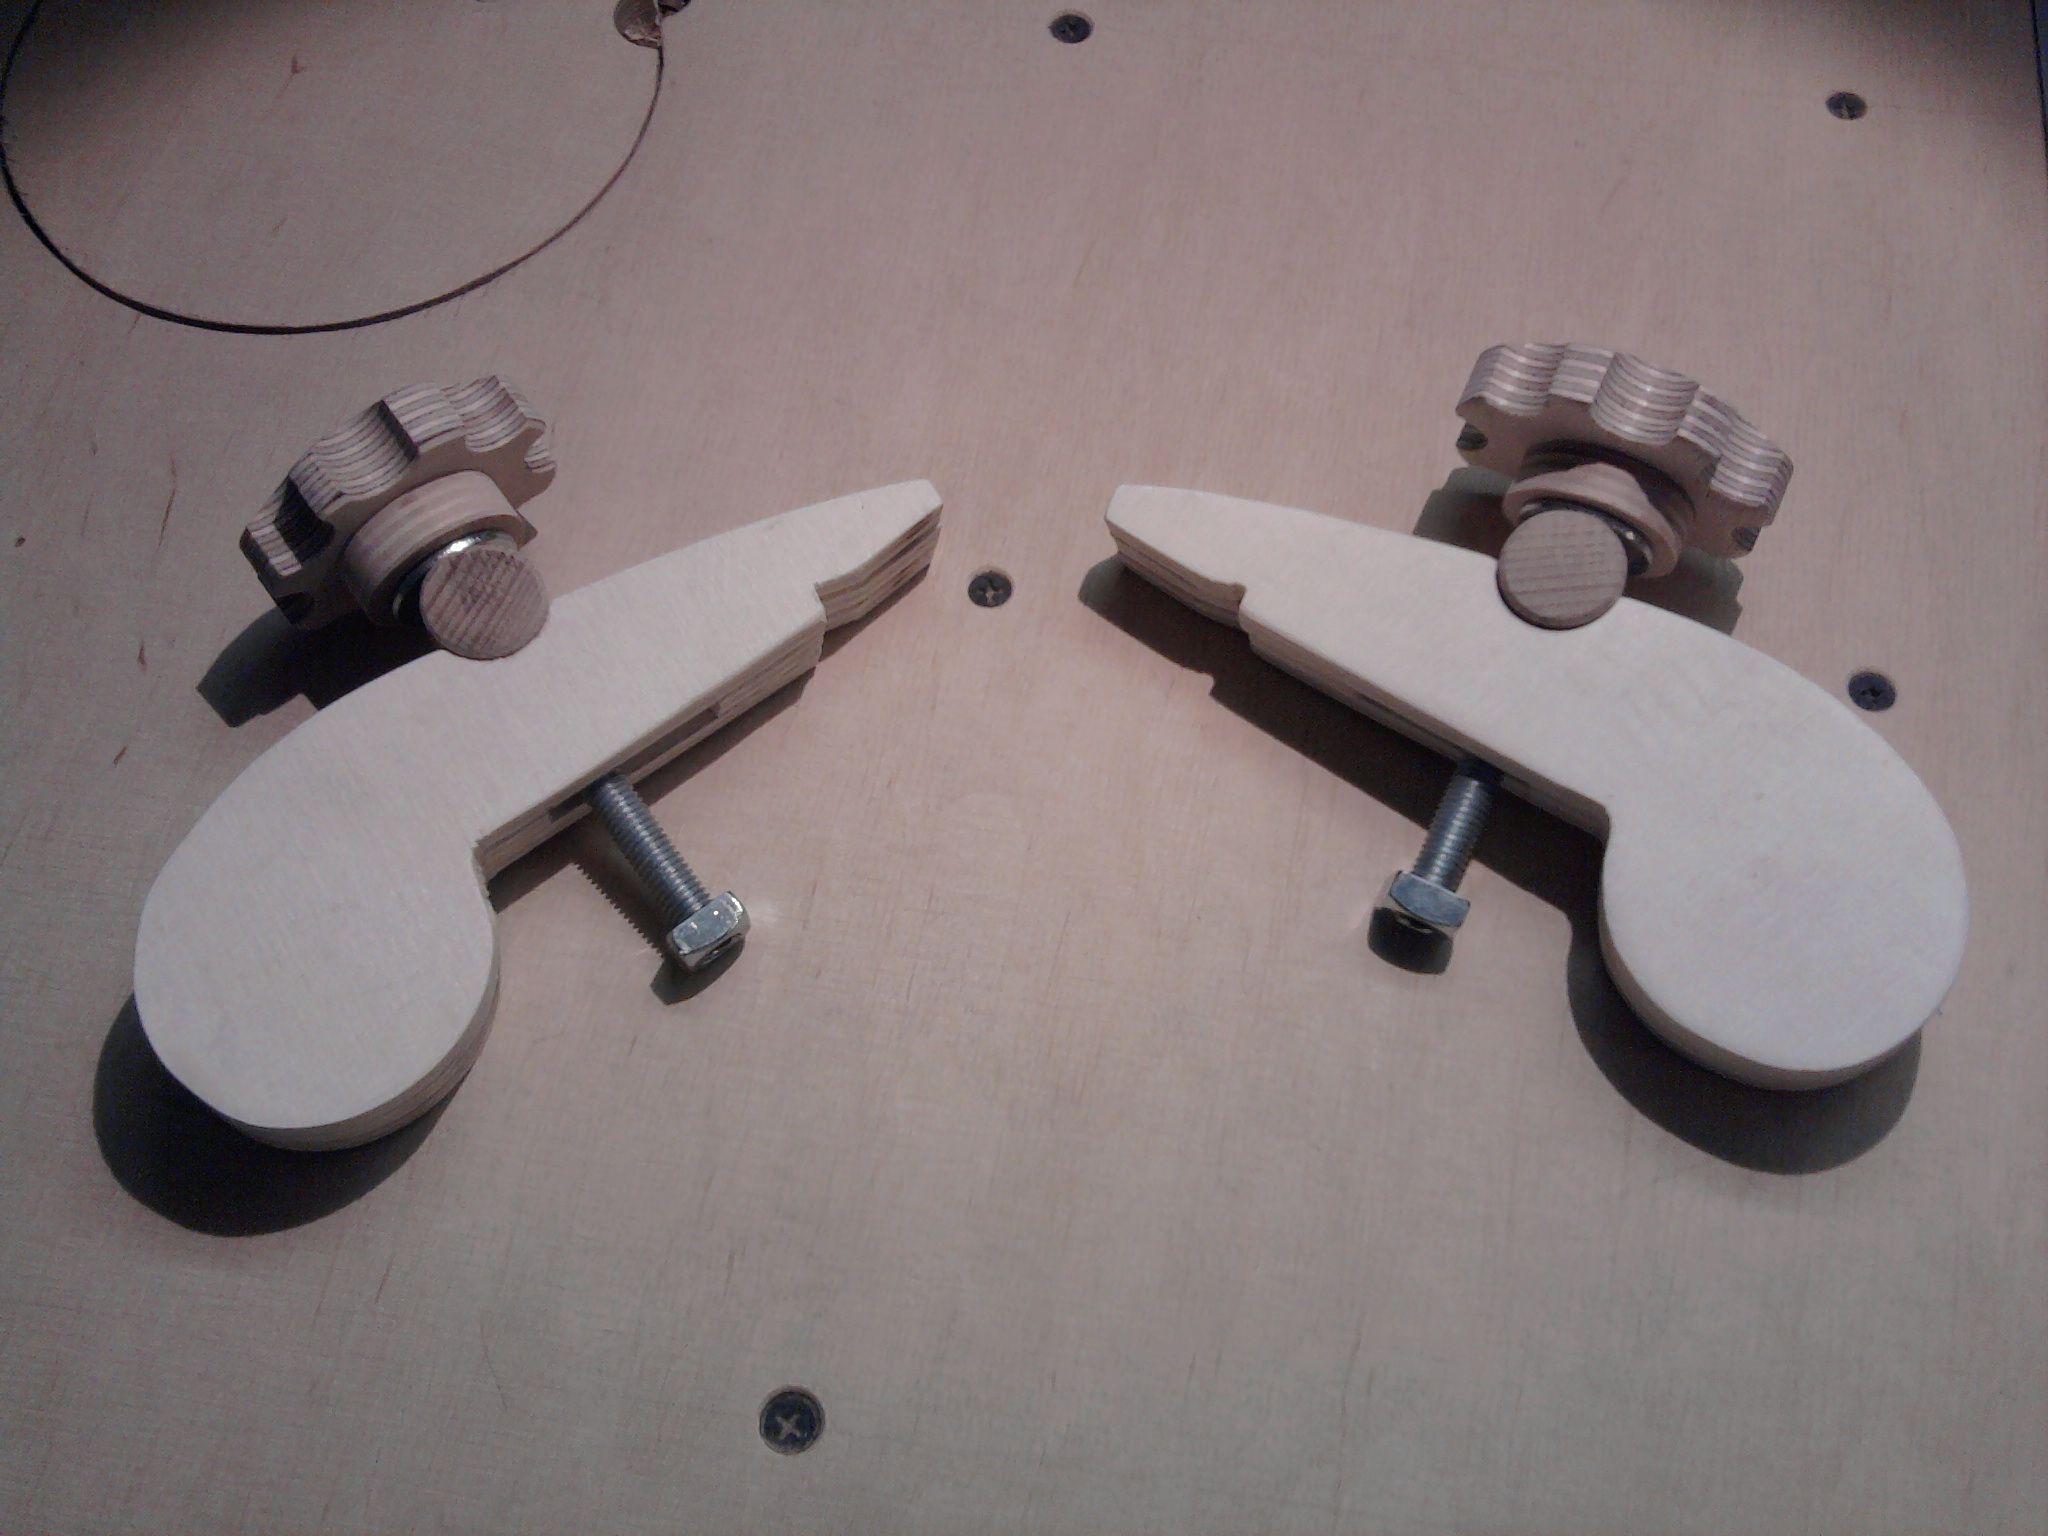 verstellbare schnellspanner bauanleitung zum selber bauen handwerk pinterest. Black Bedroom Furniture Sets. Home Design Ideas